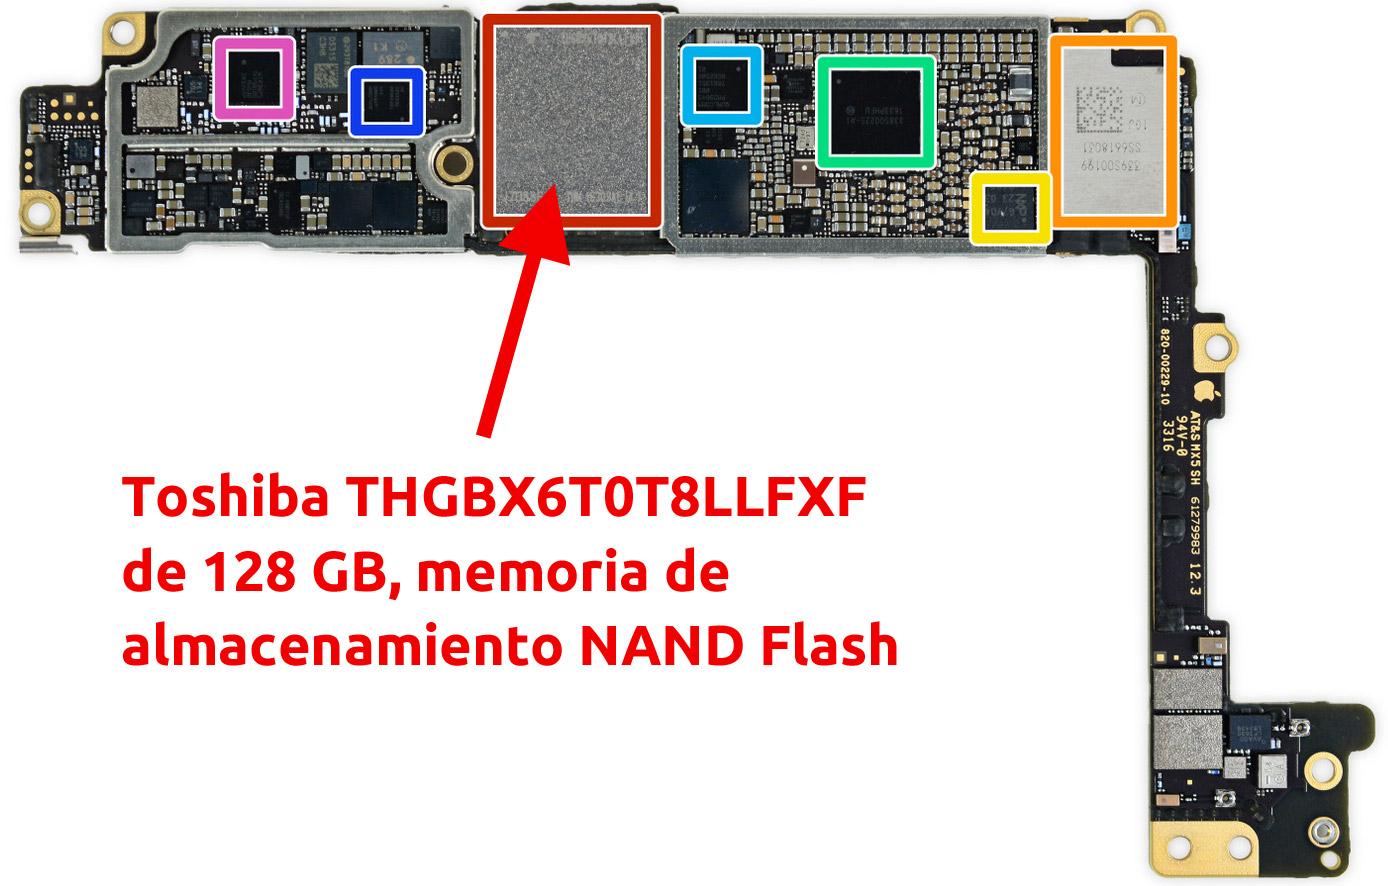 Chip de memoria NAND Flash de Toshiba en la placa base de un iPhone 7